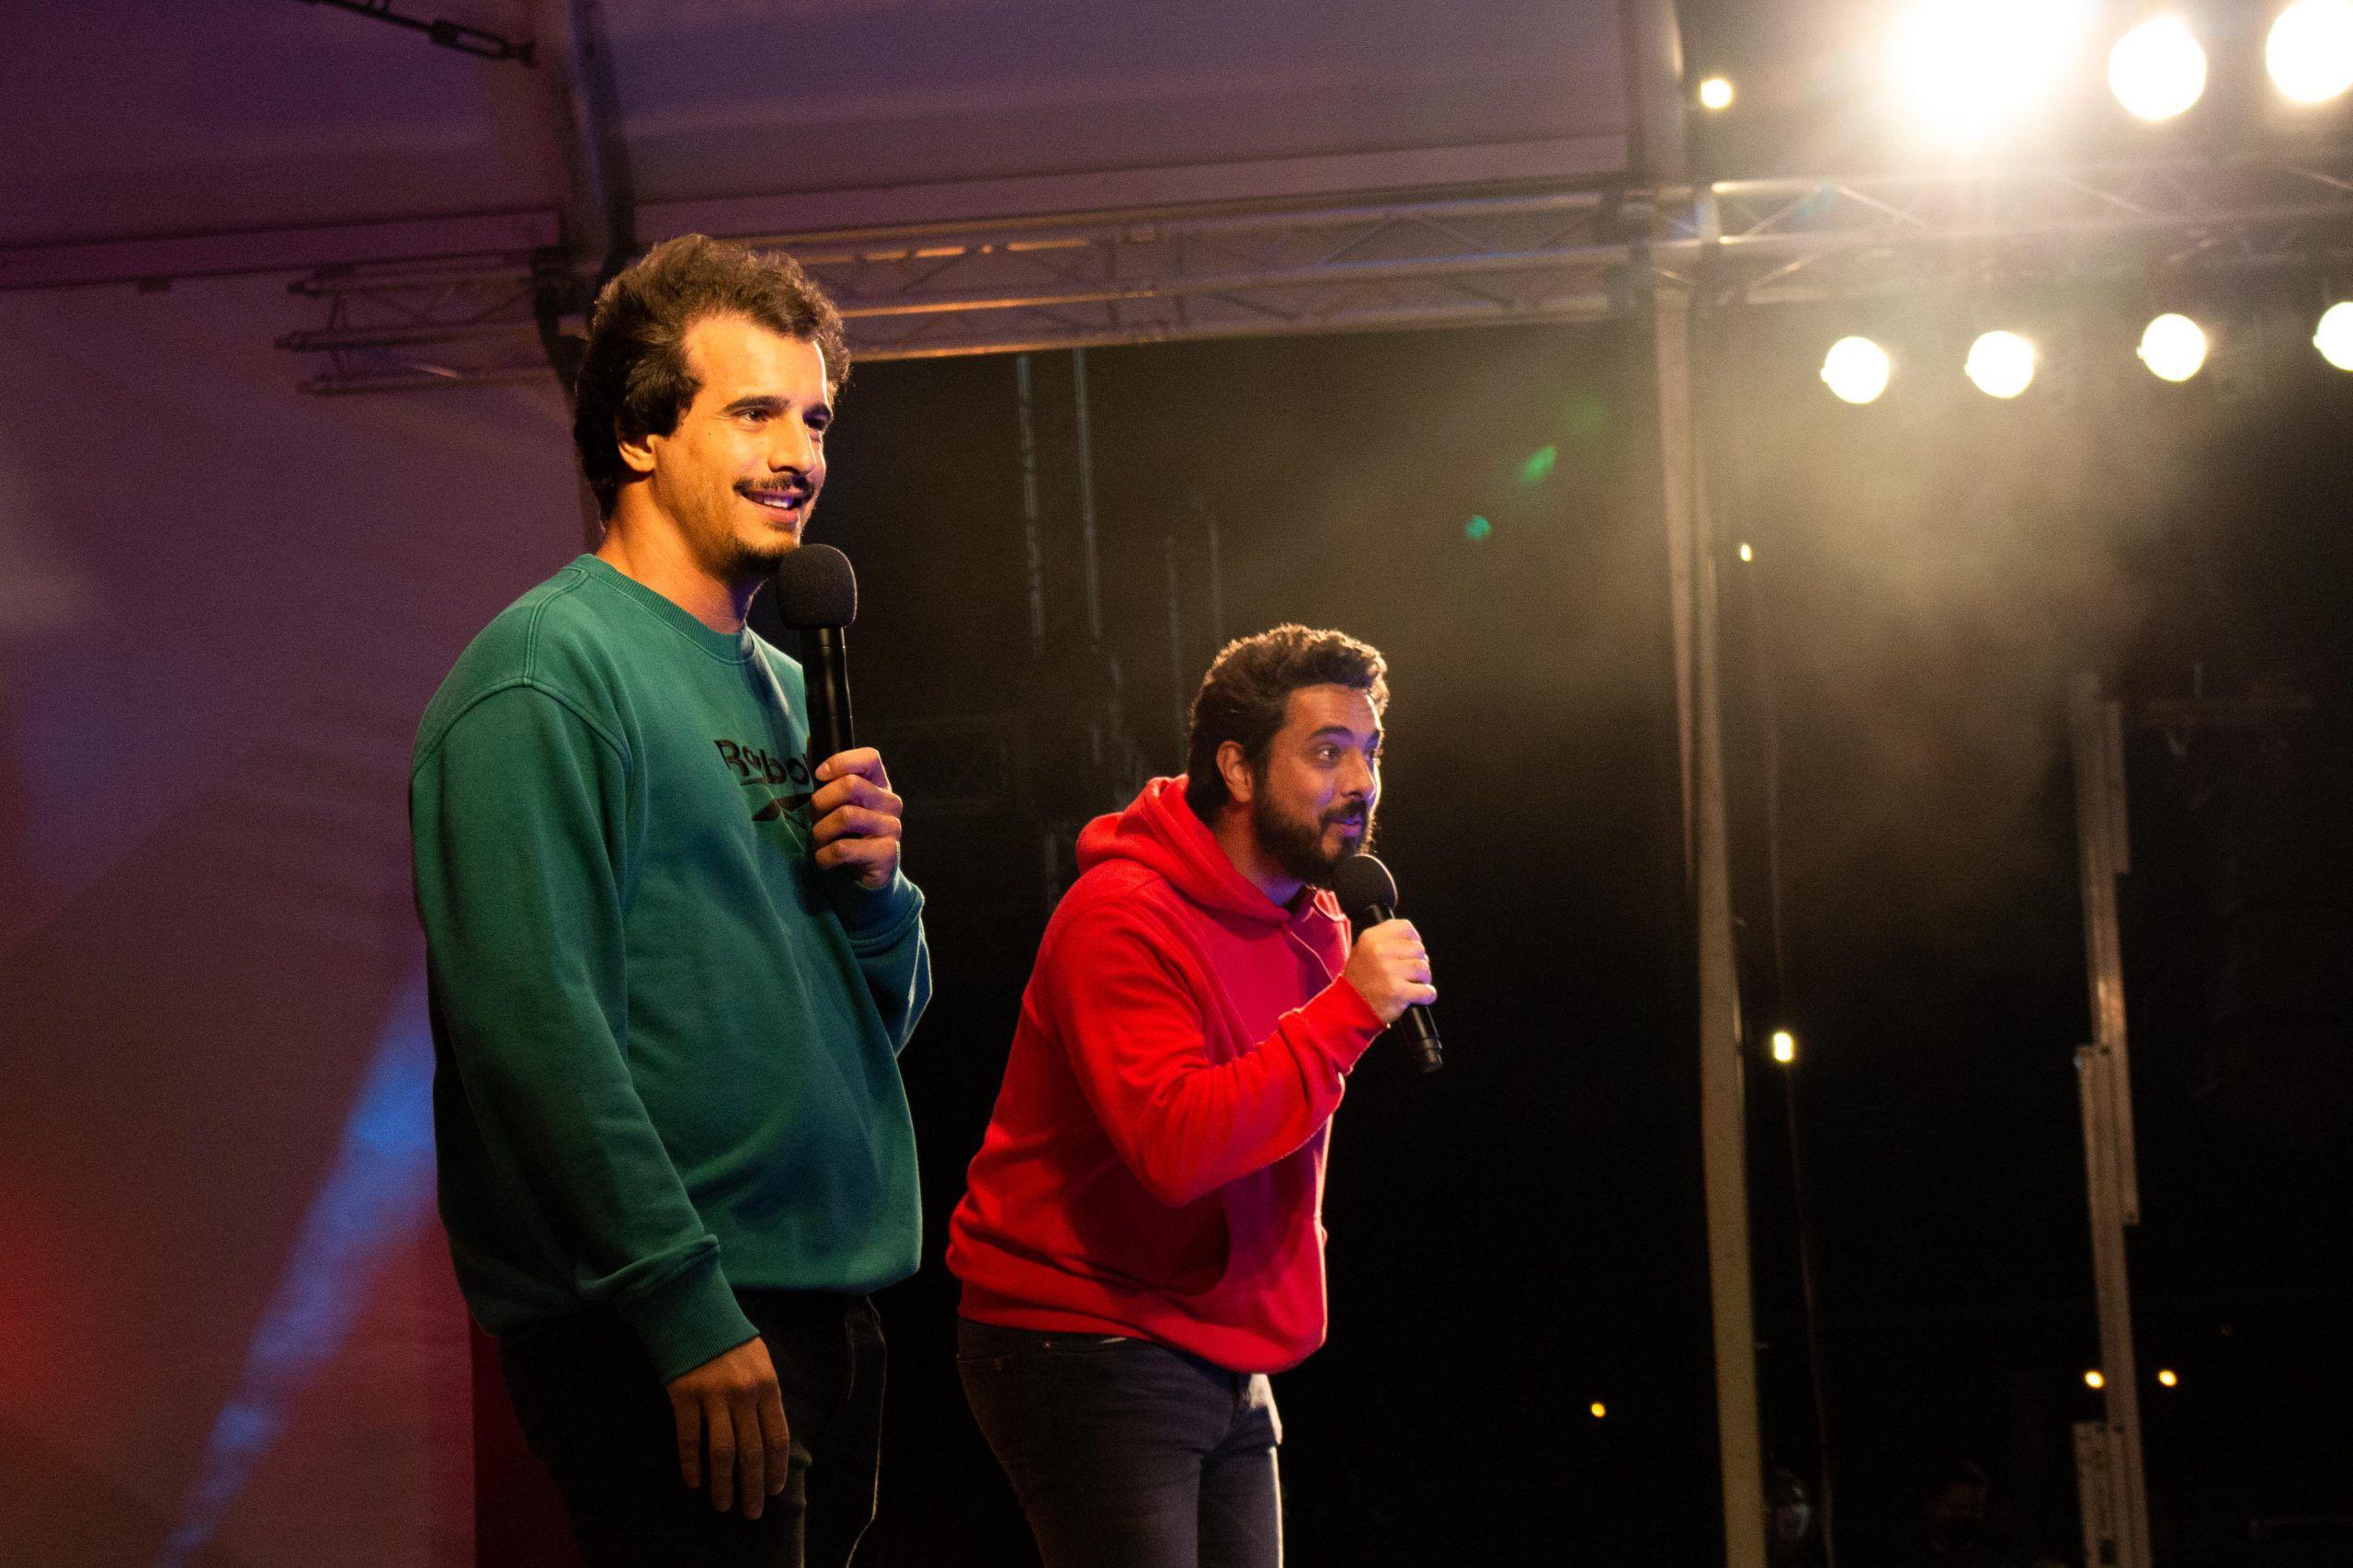 Guilherme Geirinhas e Diogo Batáguas (Gustavo Carvalho/CCA)